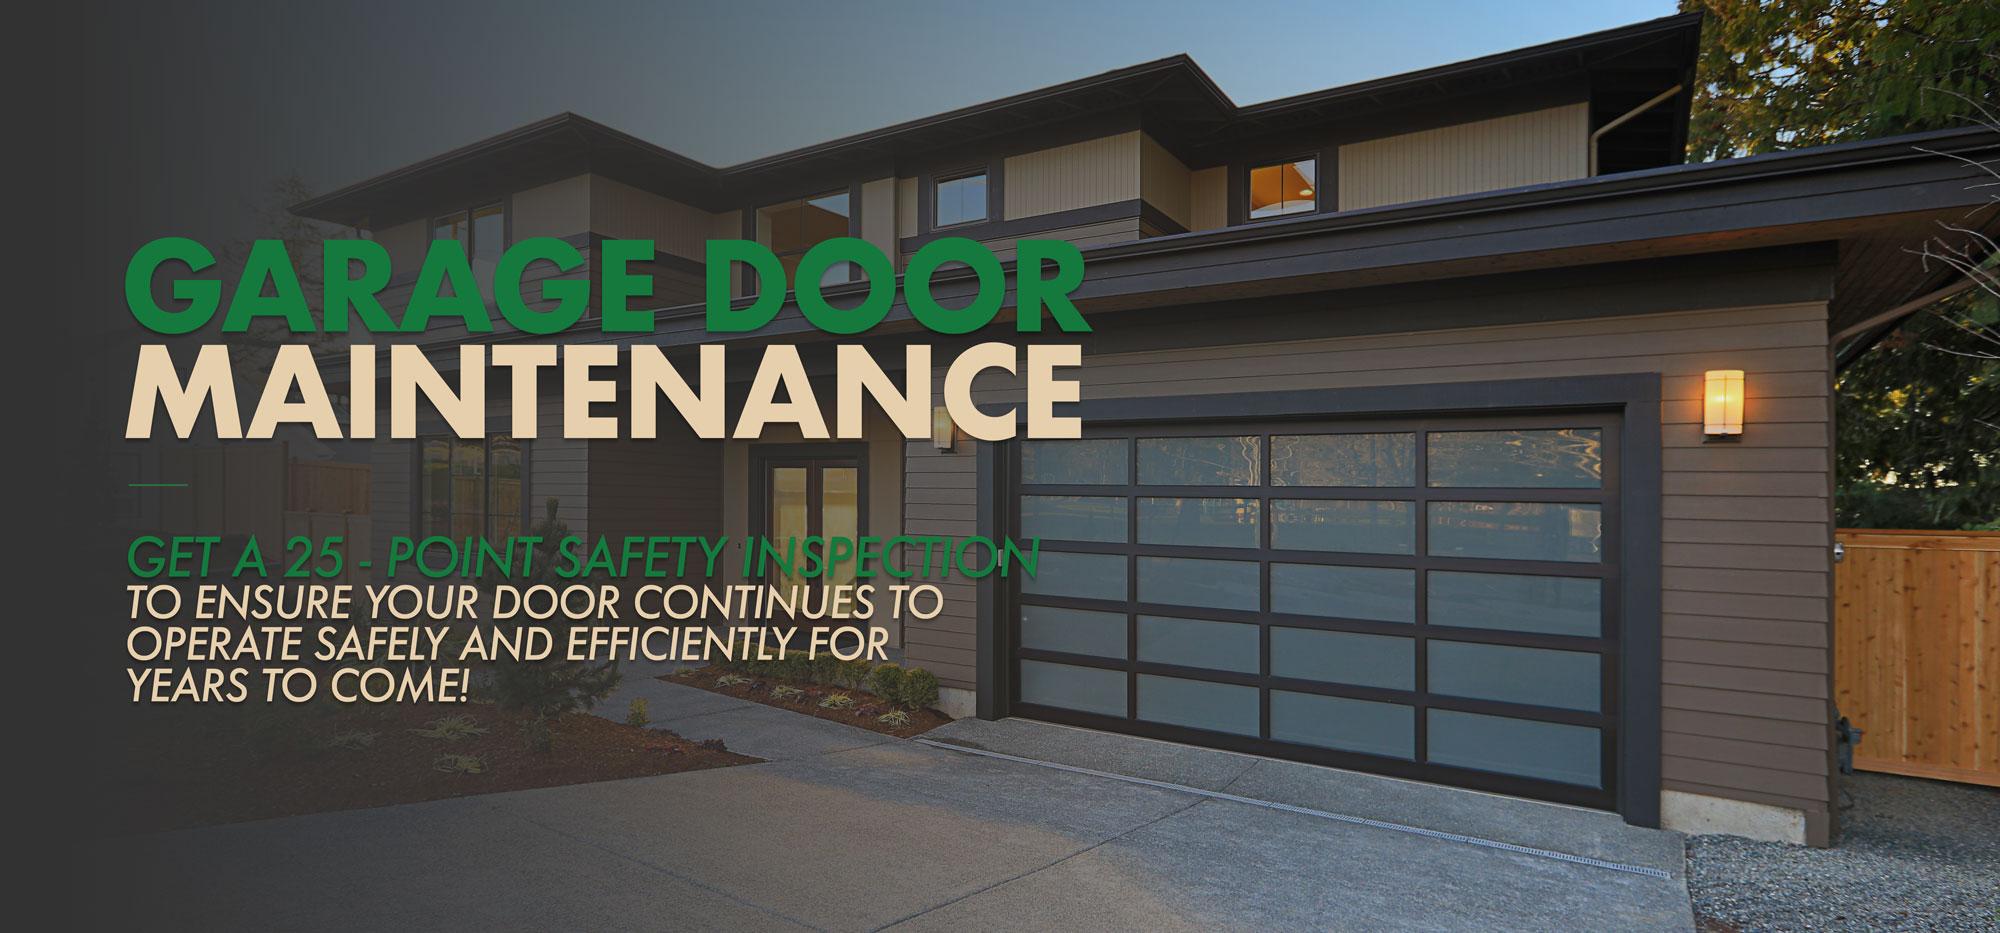 Garage Door Maintenance Program Precision Door Service